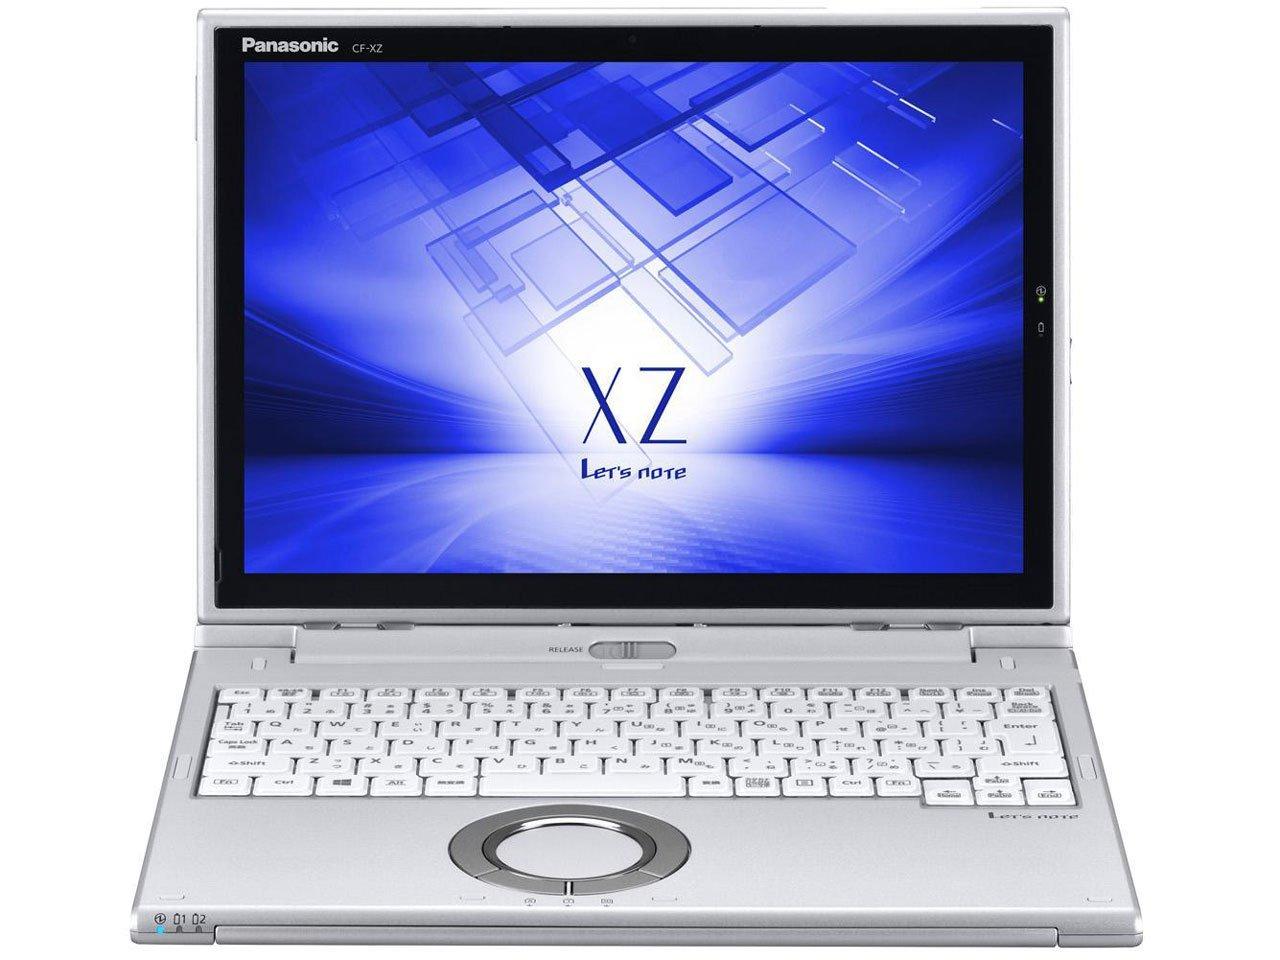 【新品、本物、当店在庫だから安心】 パナソニック XZシリーズ Lets CF-XZ6BDBQR CF-XZ6BDBQR Lets note XZシリーズ B072QKGY3D, Web Shop ゆとり:04685775 --- martinemoeykens.com